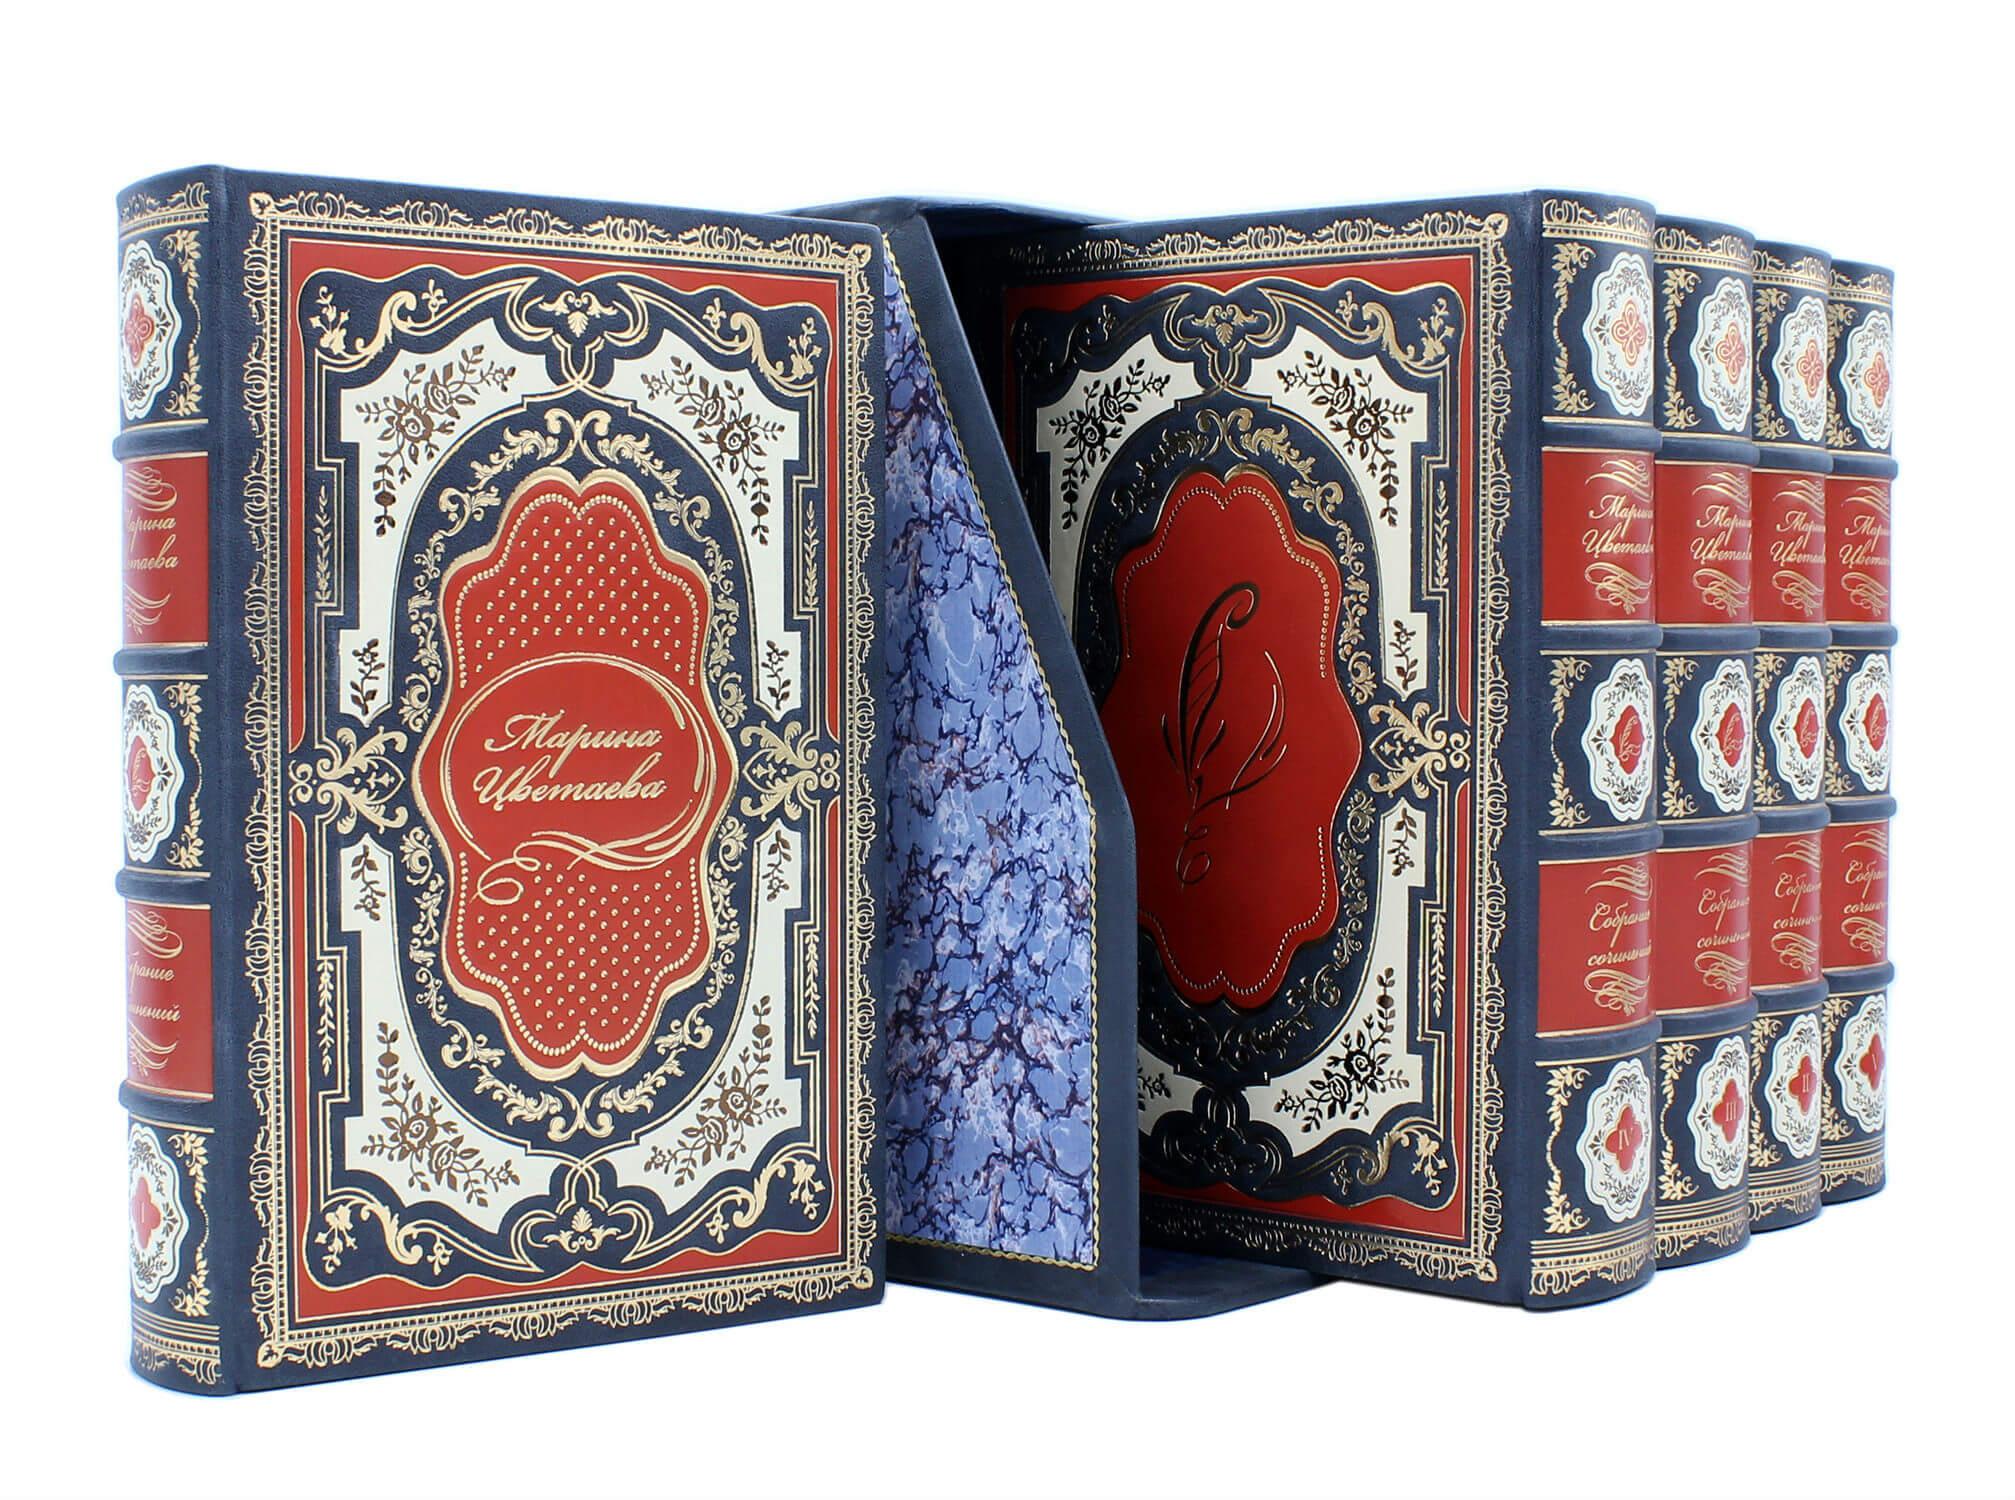 Цветаева. Собрание сочинений 5 томов, подарочное издание